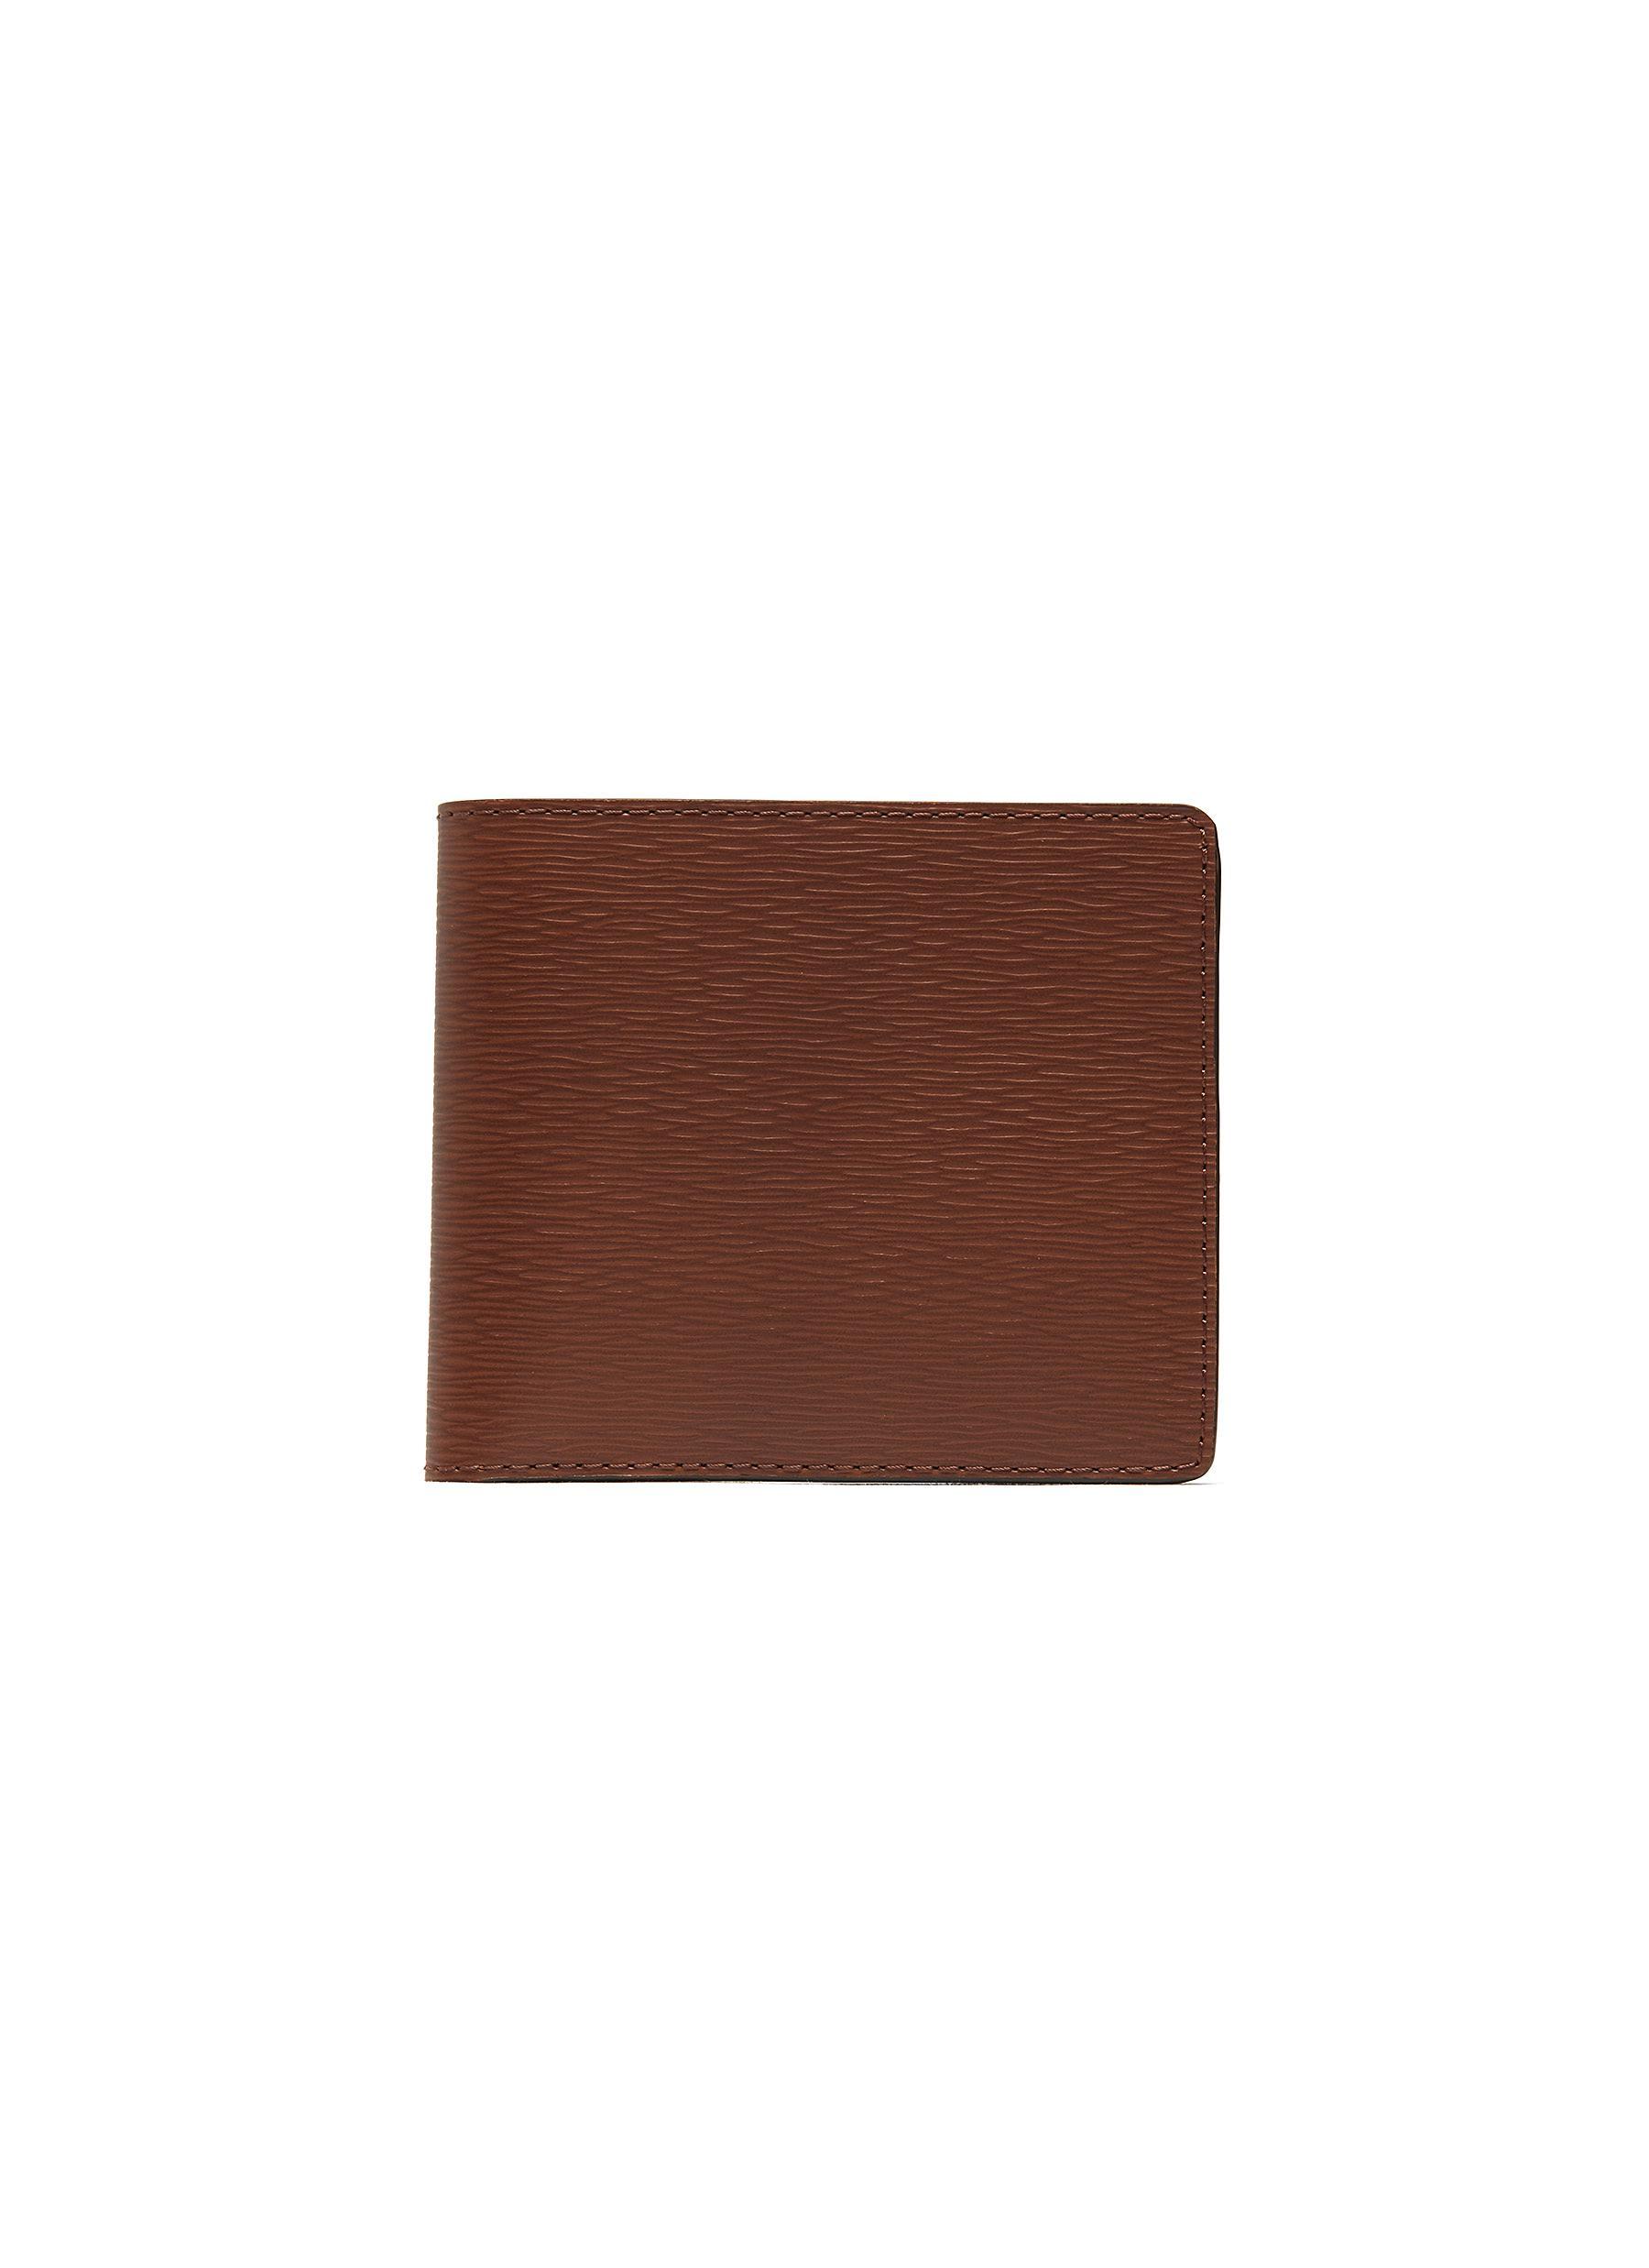 'Hipster' embossed calfskin leather bi fold wallet